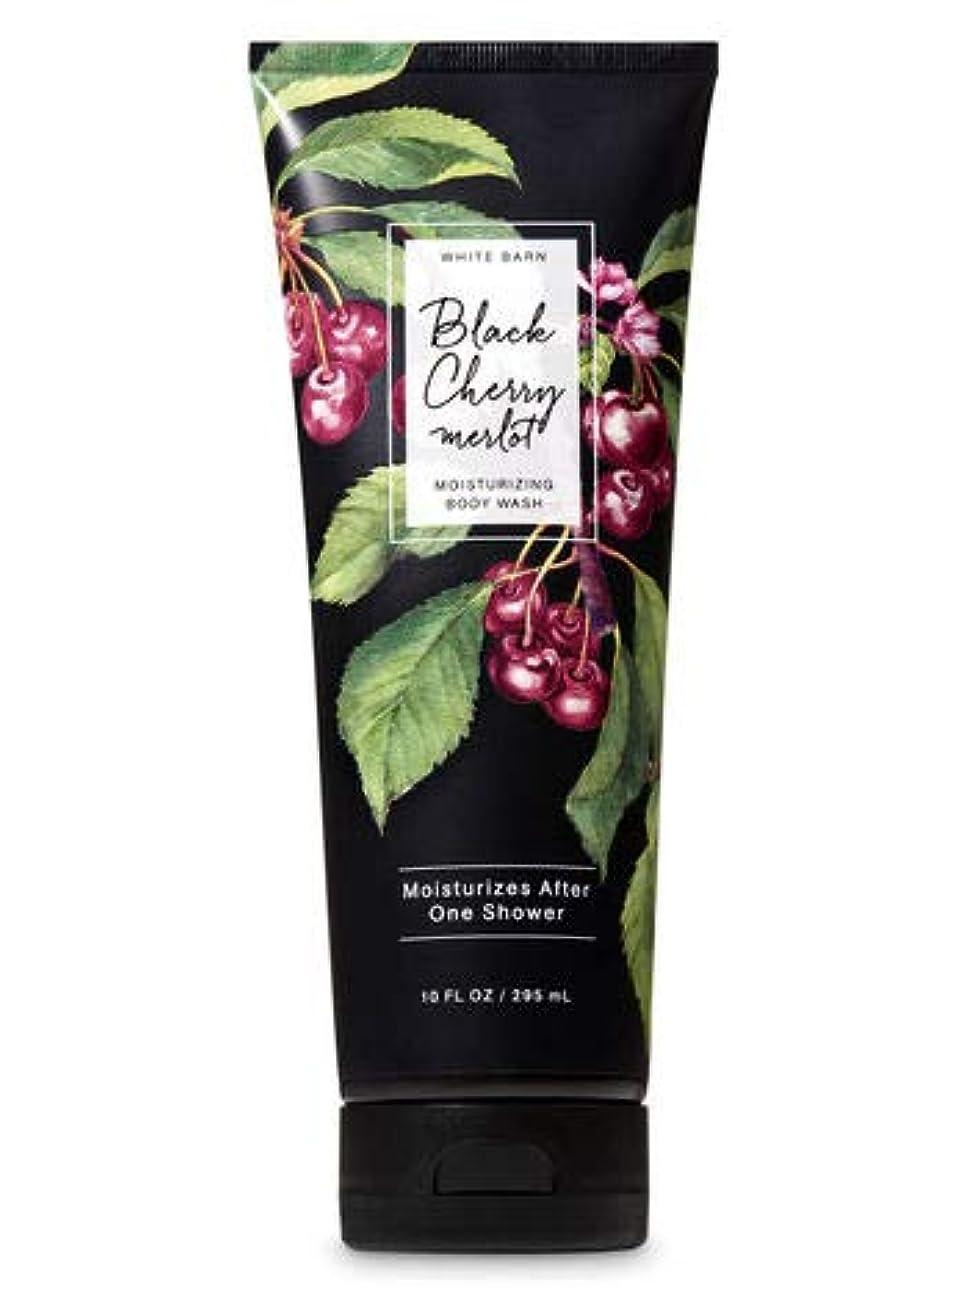 戸口犯人胚【Bath&Body Works/バス&ボディワークス】 モイスチャライジングボディウォッシュ ブラックチェリーメルロー Moisturizing Body Wash Black Cherry Merlot 10 fl oz / 295 mL [並行輸入品]